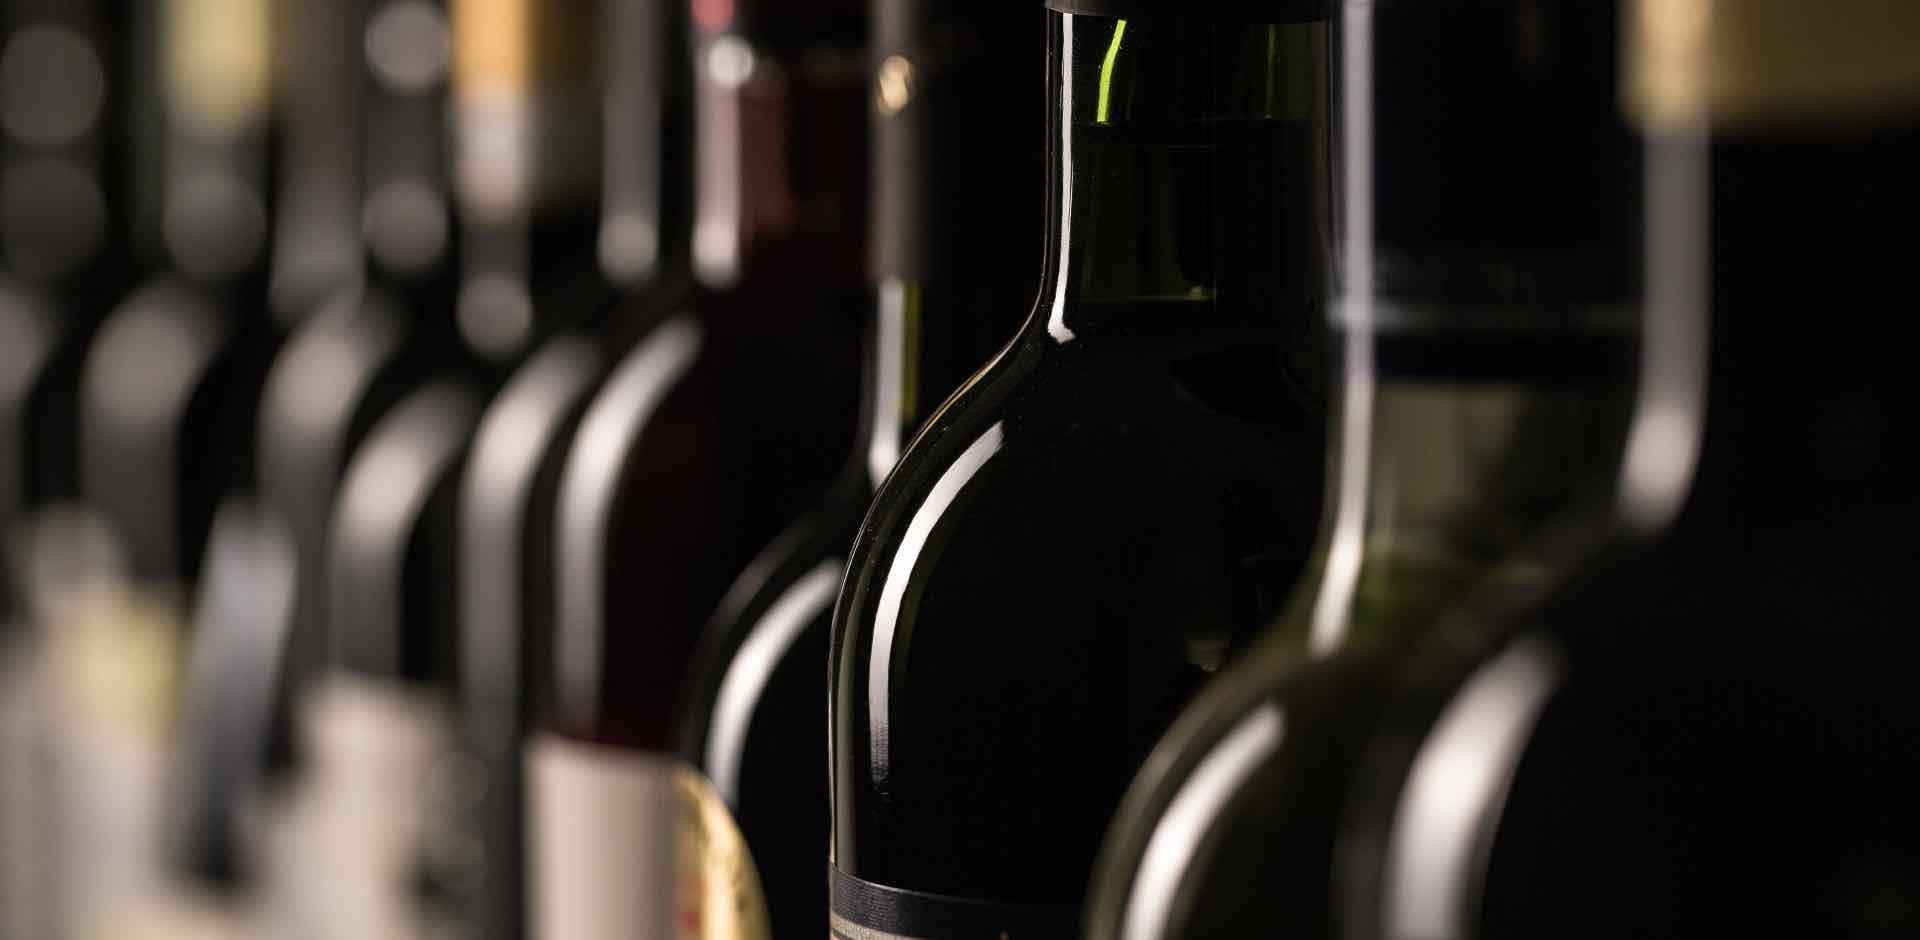 bottiglie di vino - wine bottles - Gustorotondo Italian food boutique - I migliori cibi online - Best Italian food online - spesa online